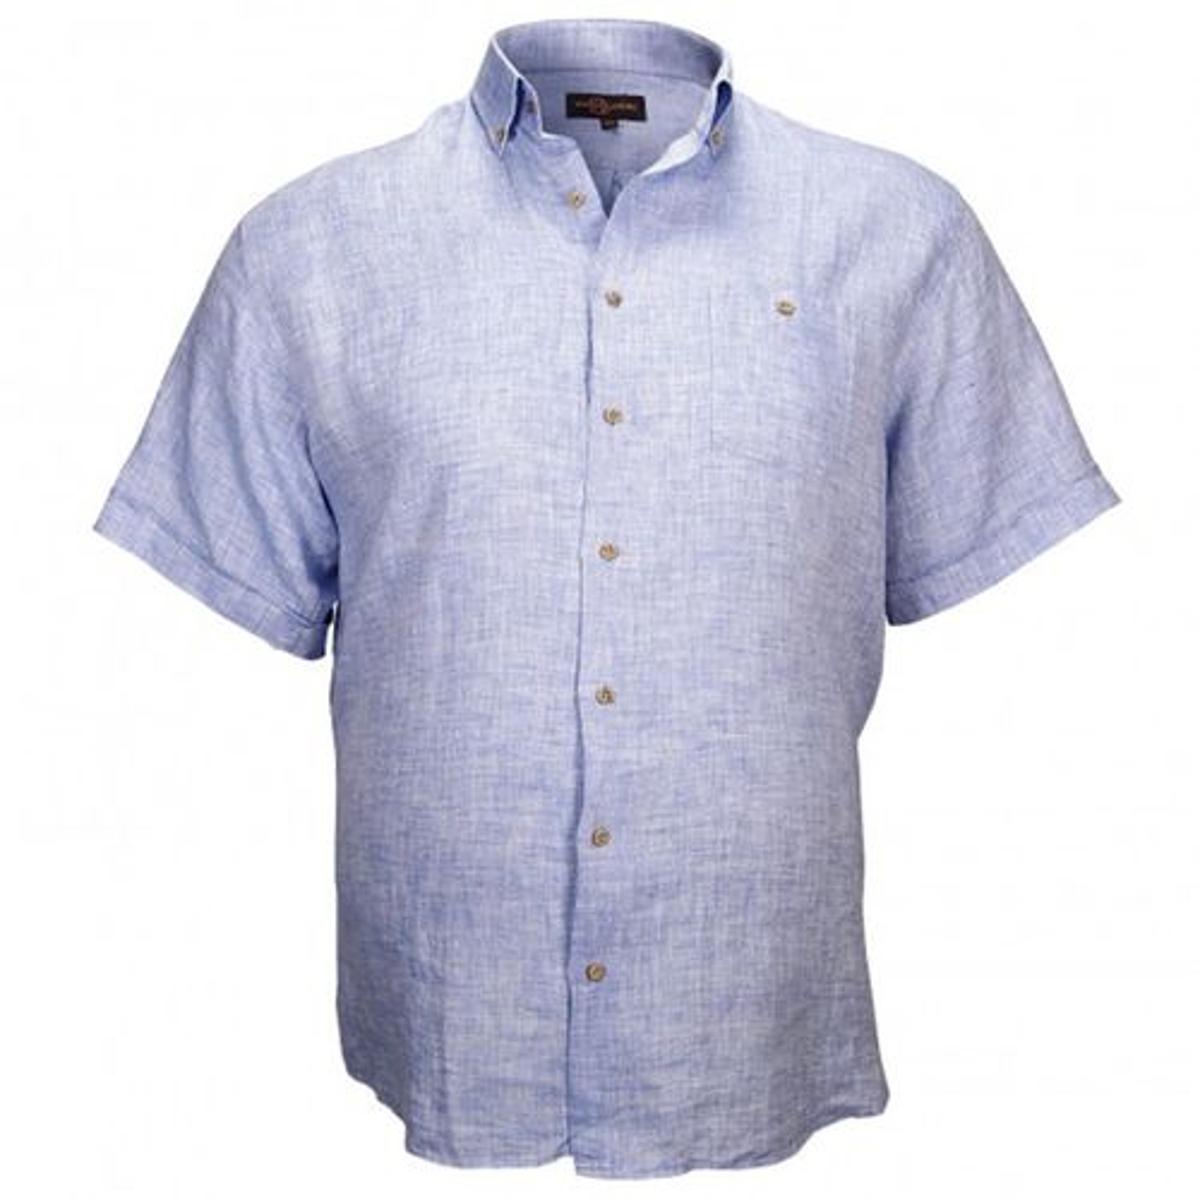 chemisette 100% lin monte carlo